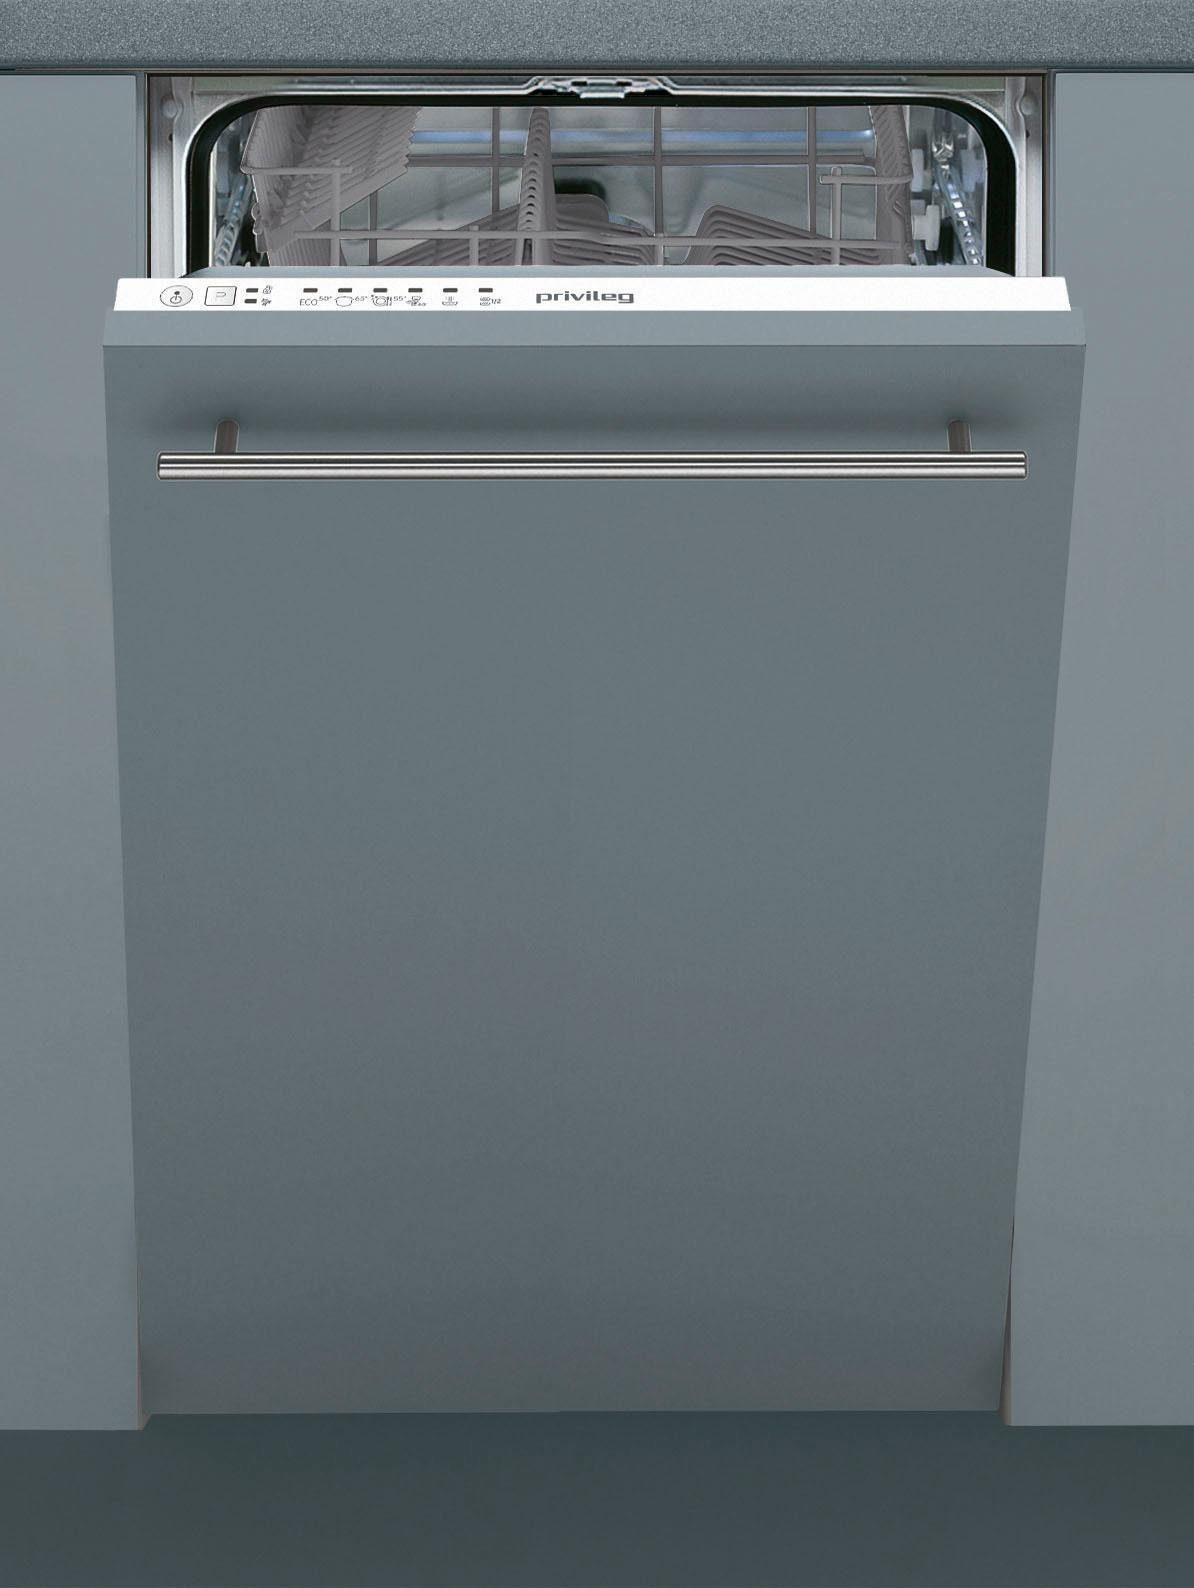 Privileg Vollintegrierbarer Einbaugeschirrspüler RSIE 2B19, A+, 10 Liter, 10 Maßgedecke